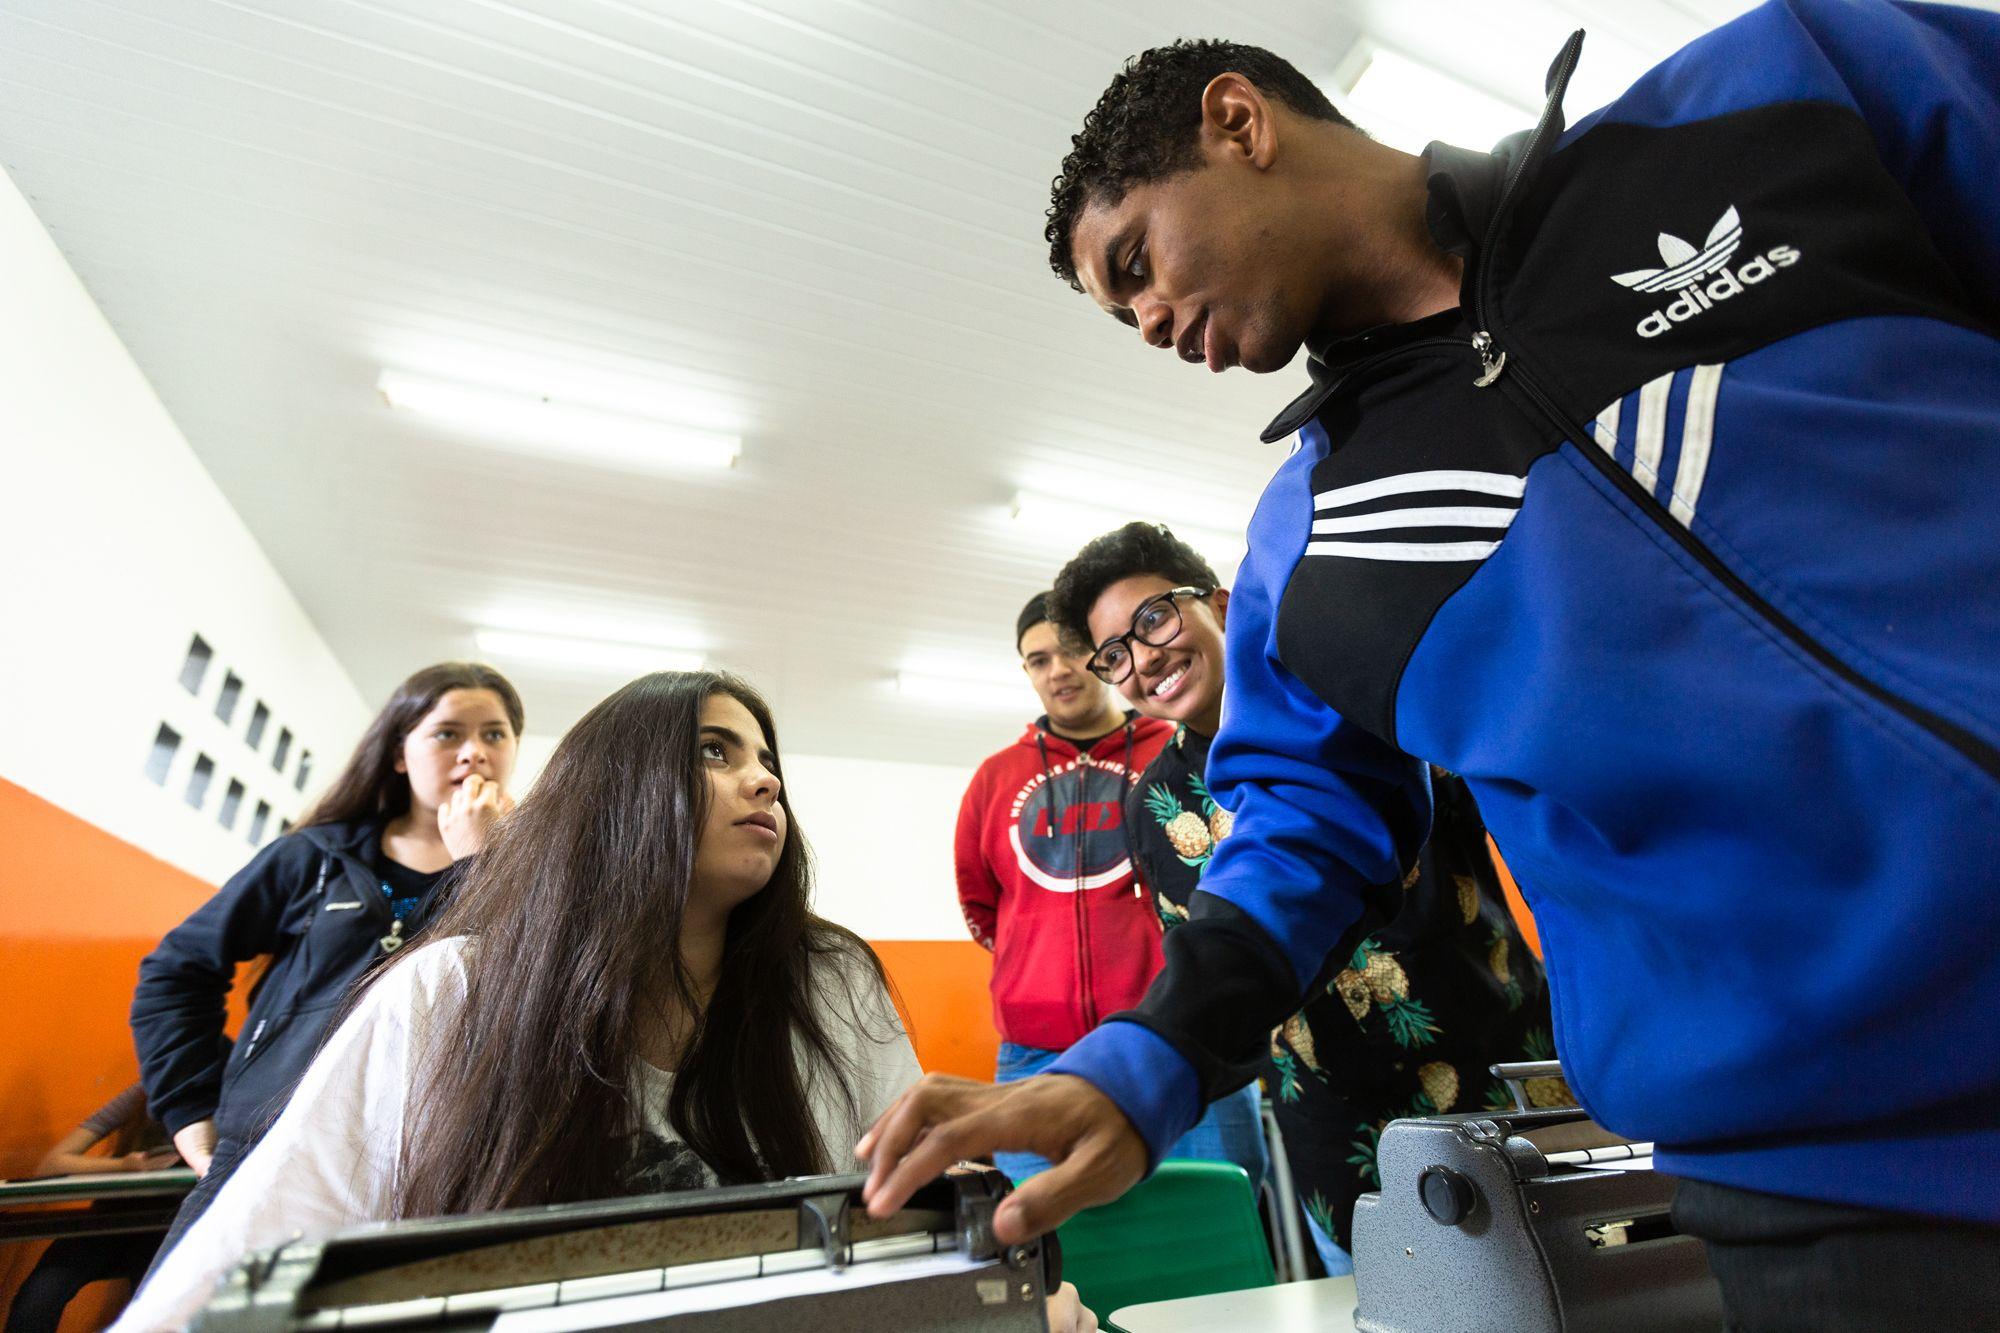 Em sala de aula, estudante orienta colega a escrever em máquina braile, enquanto é observado por outros três alunos. Fim da descrição.